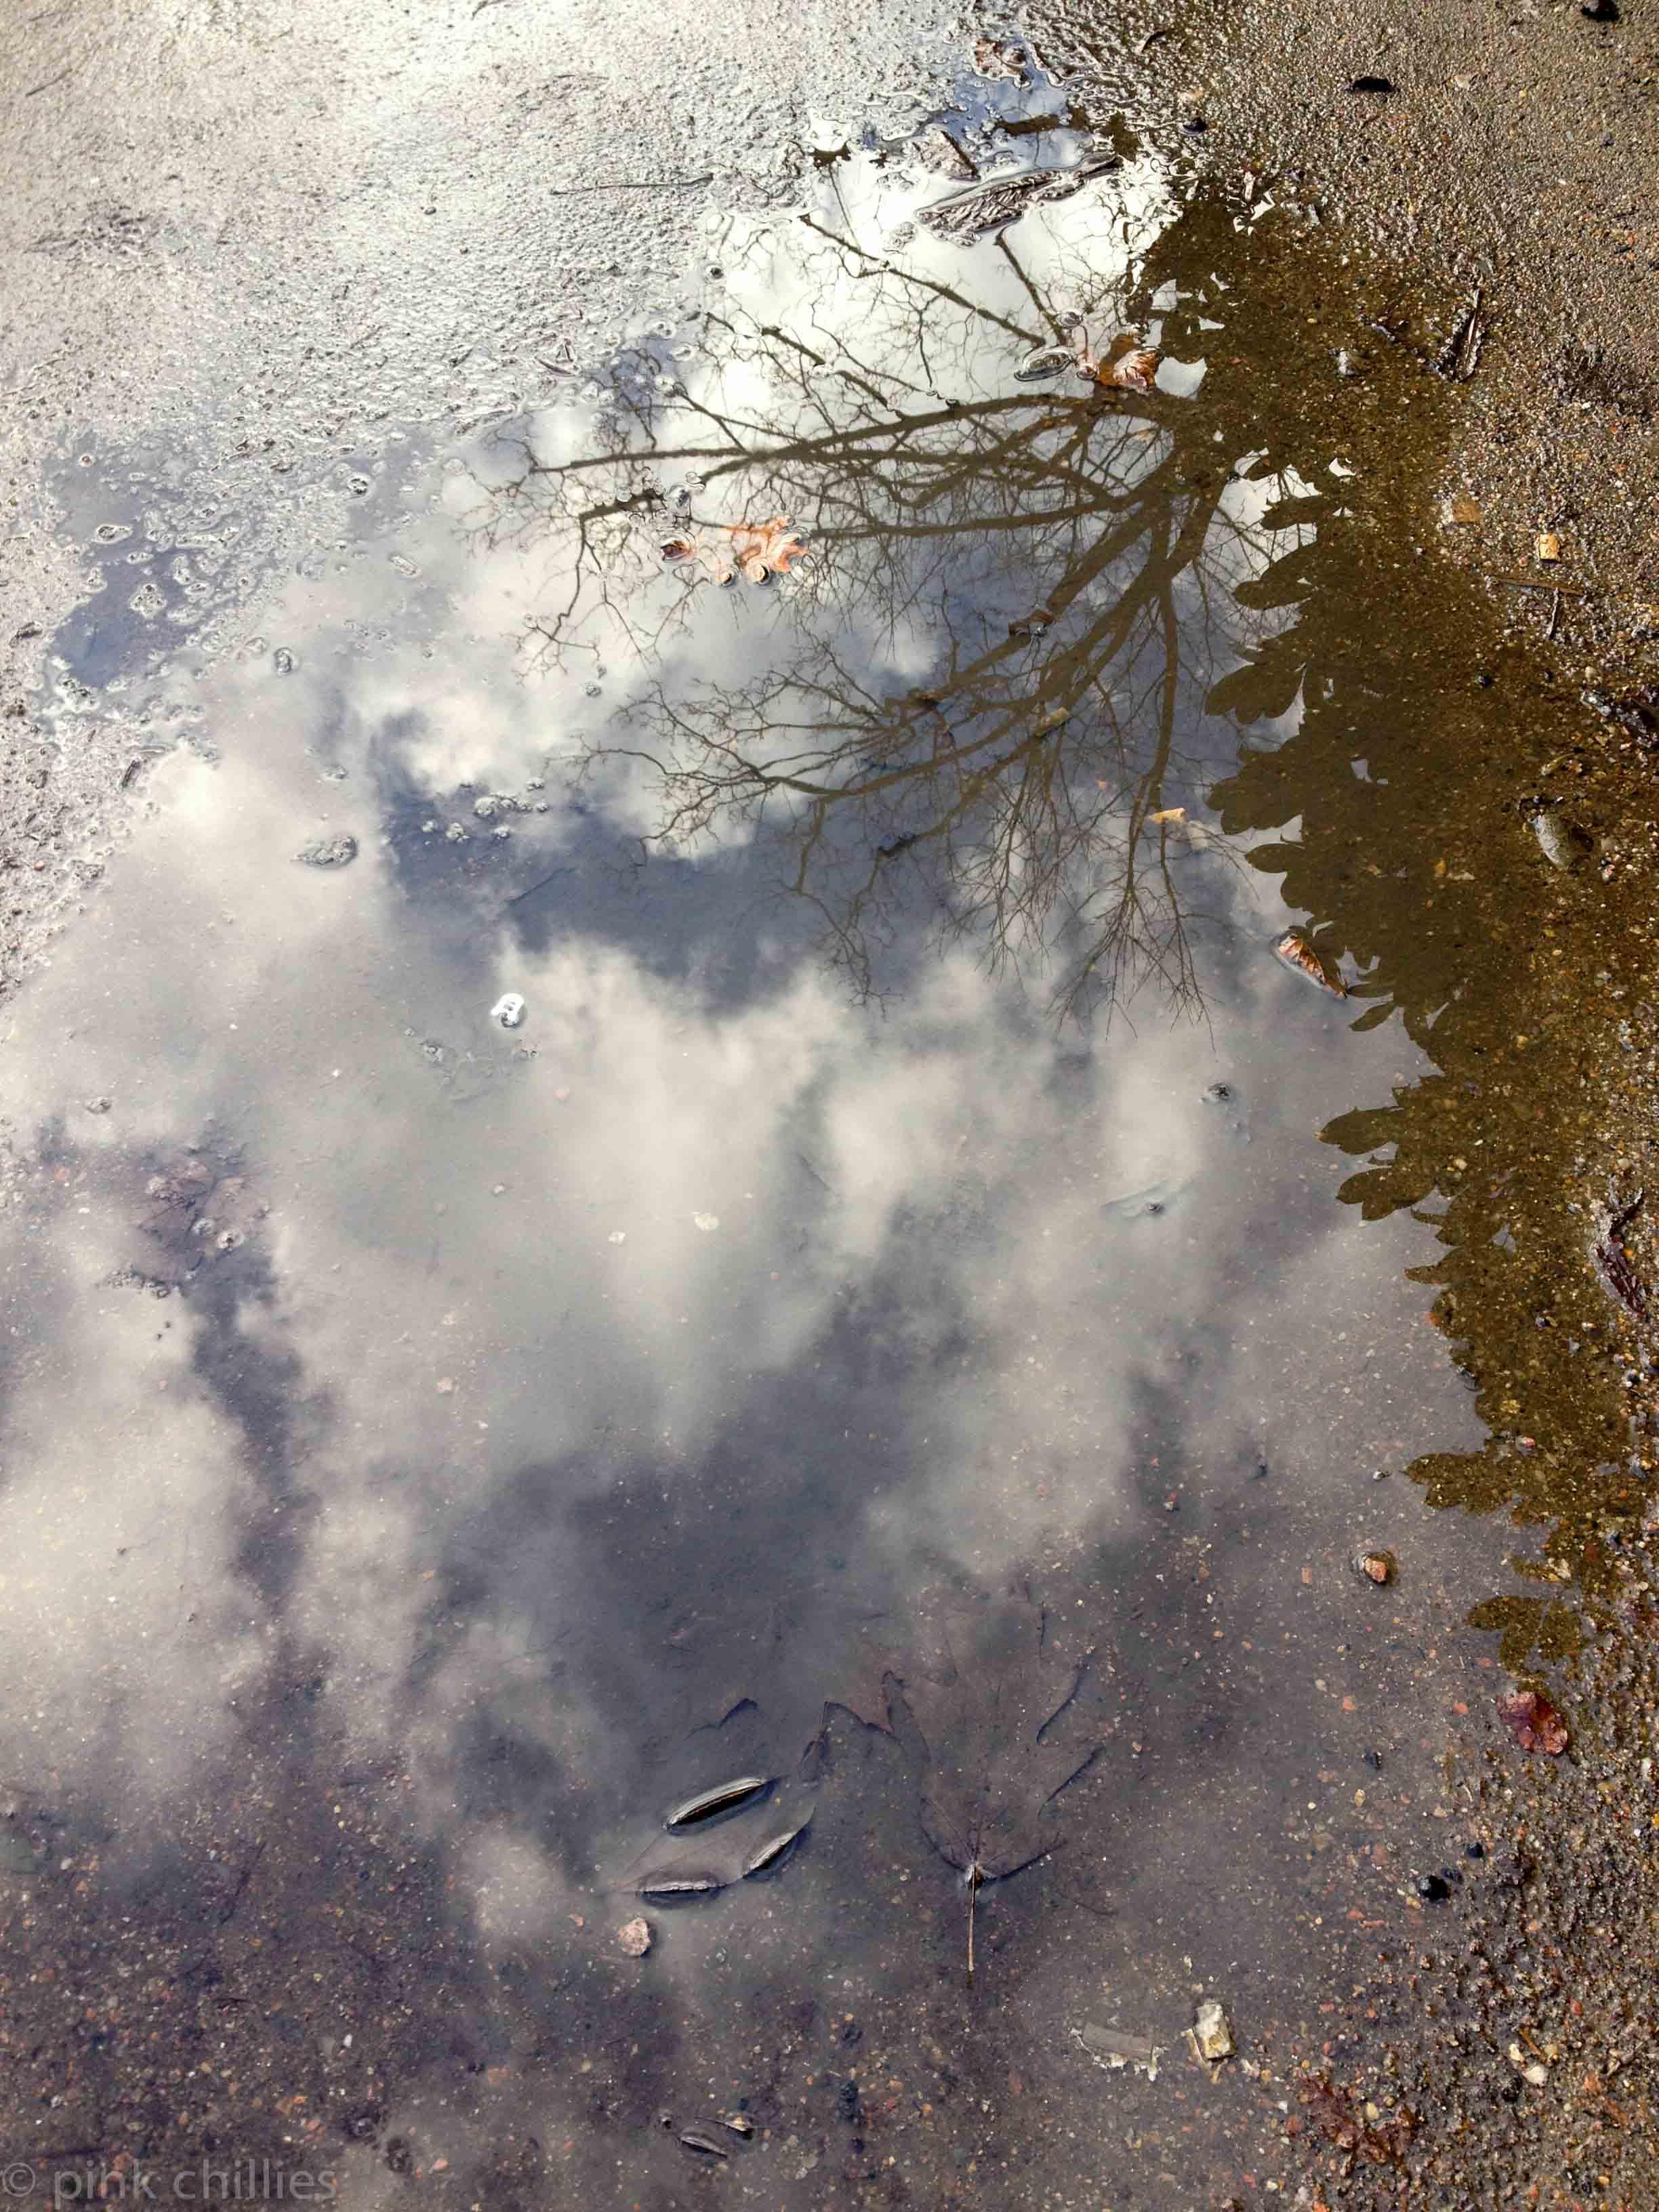 Wolken und Baum in der Pfütze